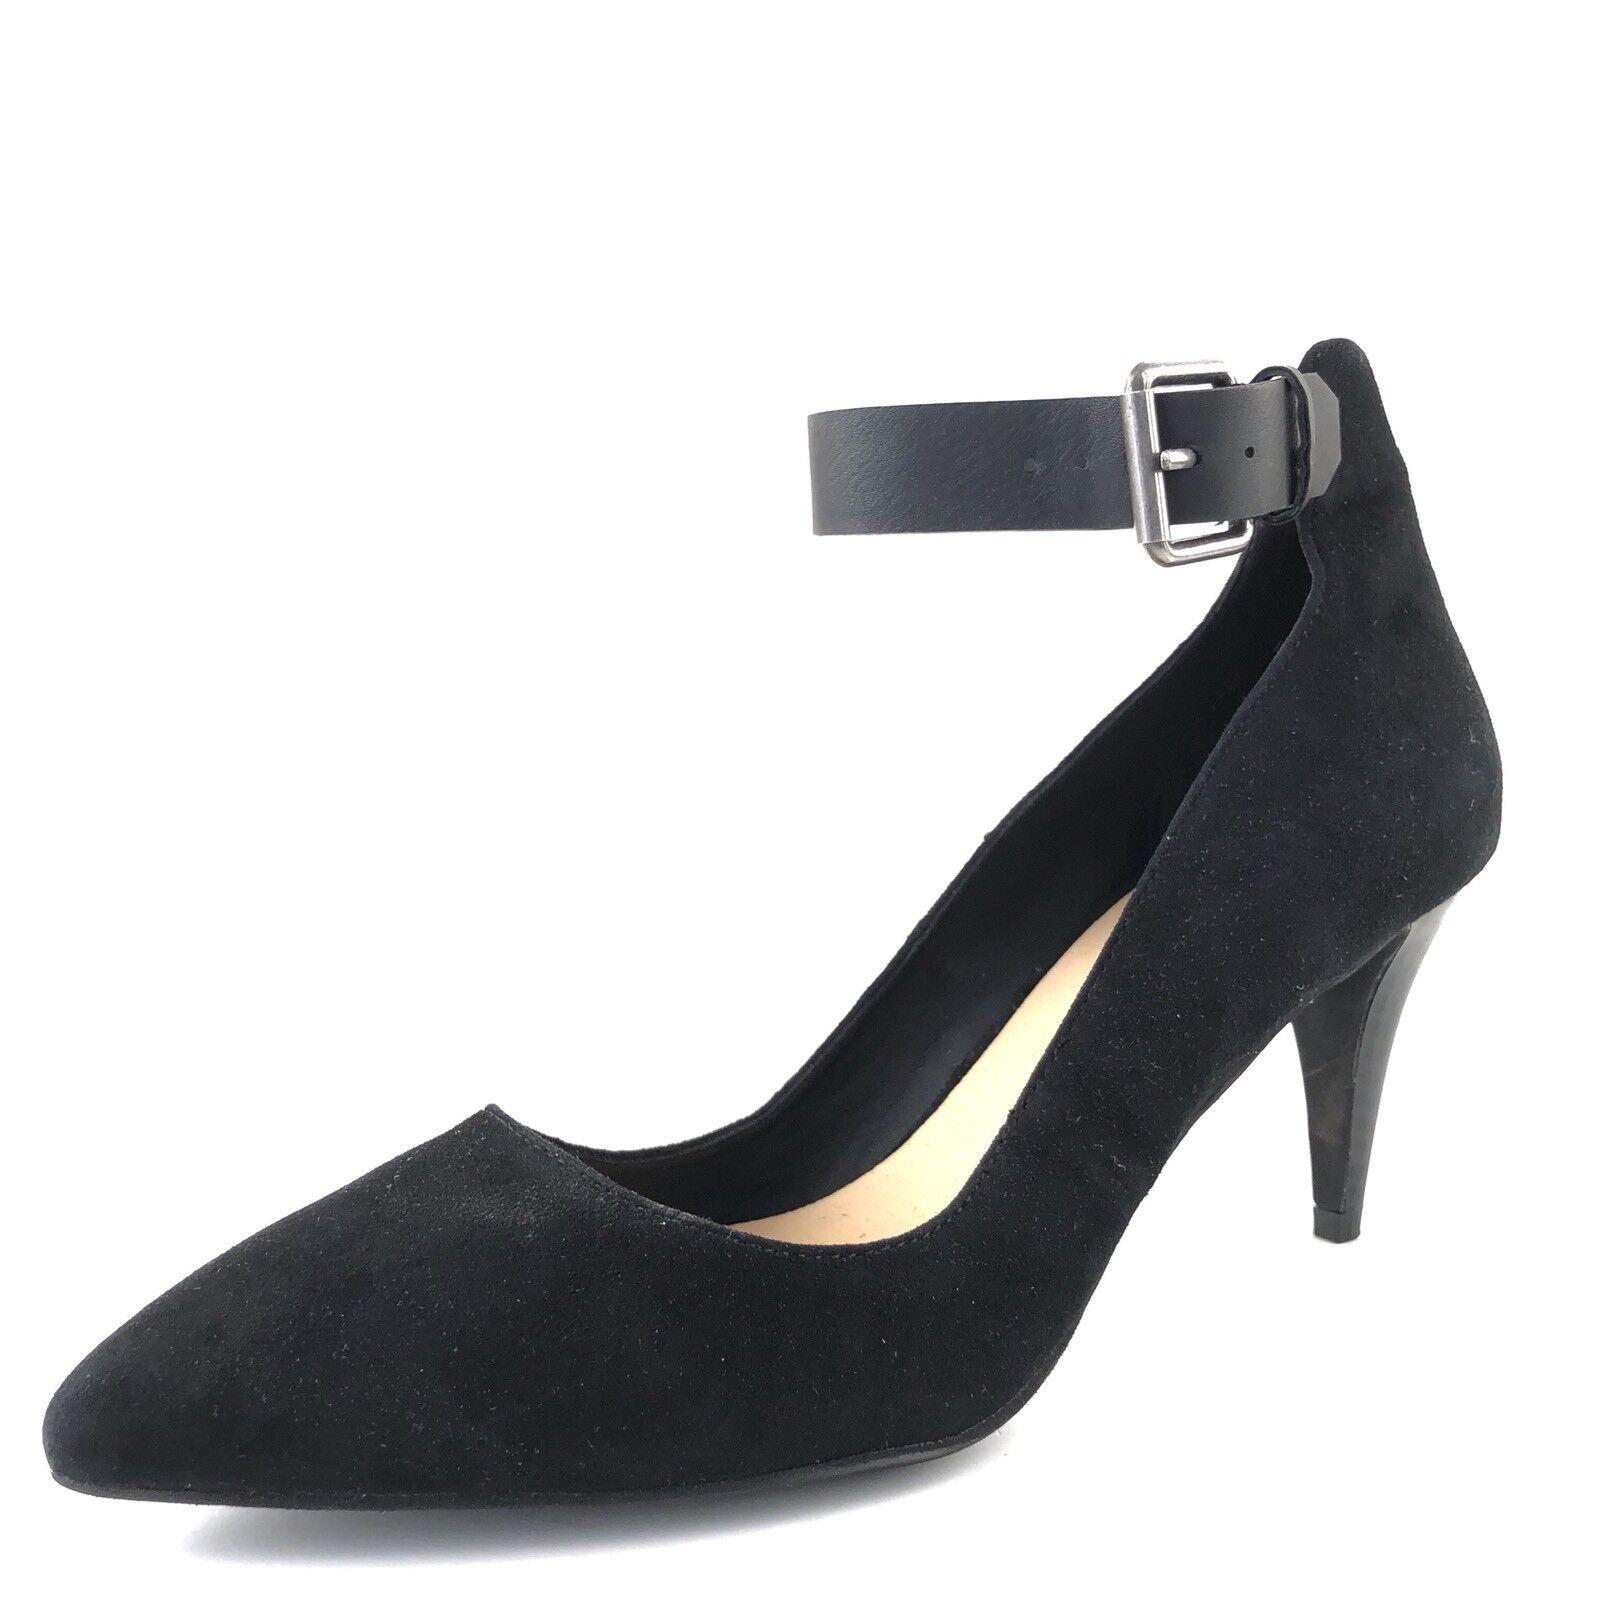 alla moda Joe's nero Suede Leather Ankle Strap Sandals Pumps donna's donna's donna's Dimensione 6.5 M   il prezzo più basso